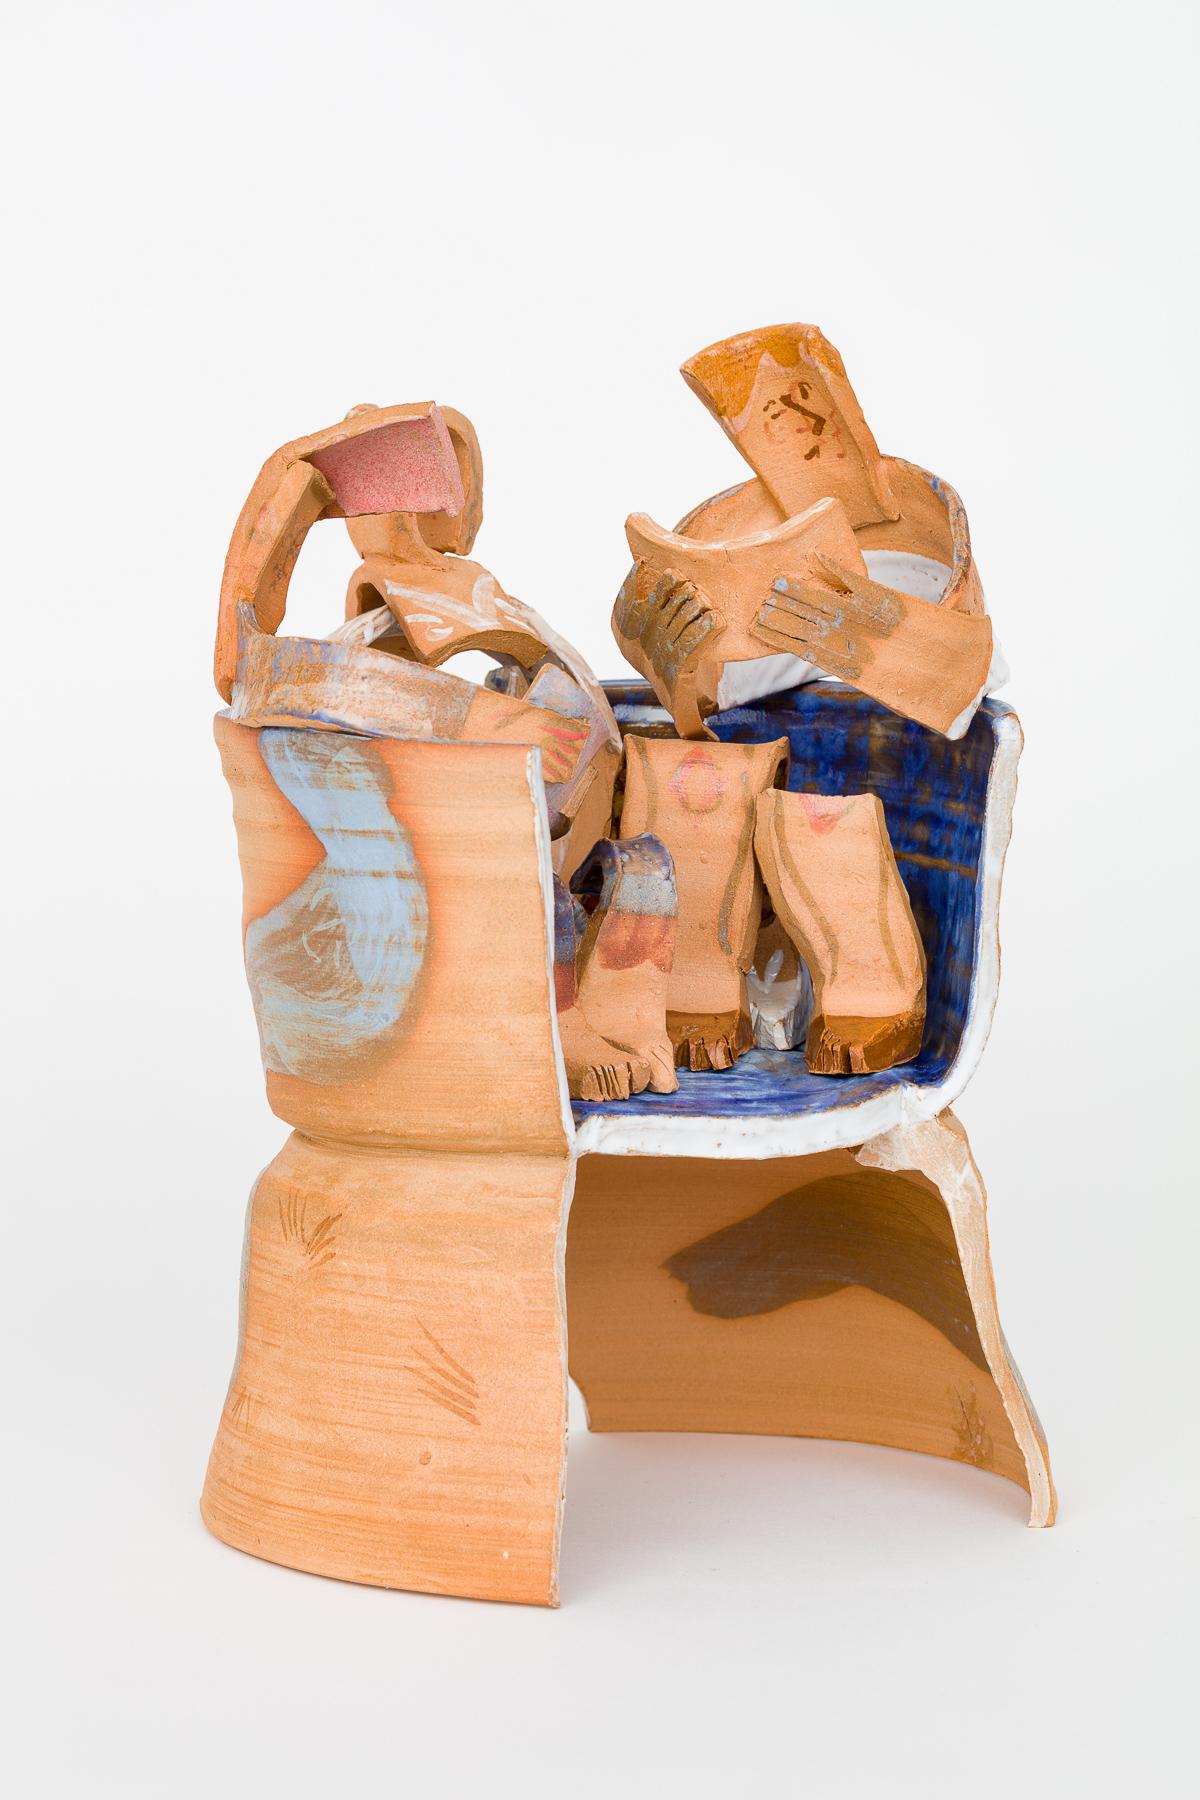 Anna Schachinger_Keramikskulpturen_bykunstdokumentationcom_8.jpg